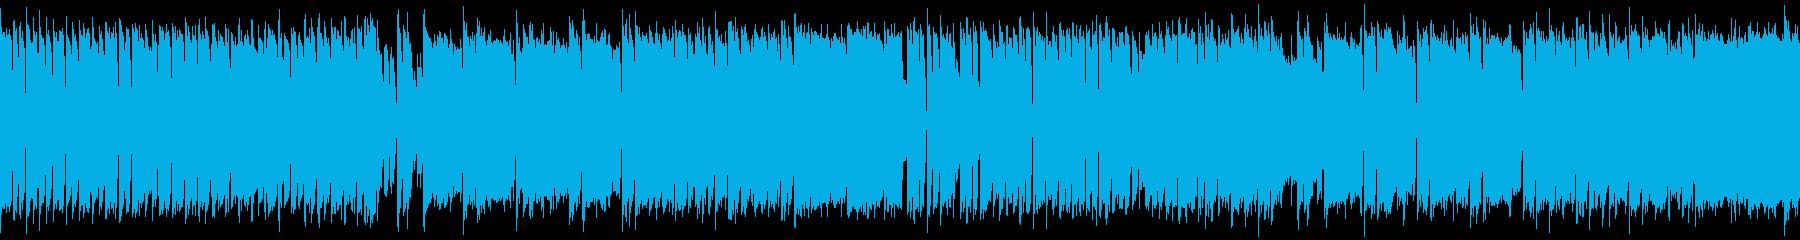 【ループ】カンフー・中華風チップチューンの再生済みの波形